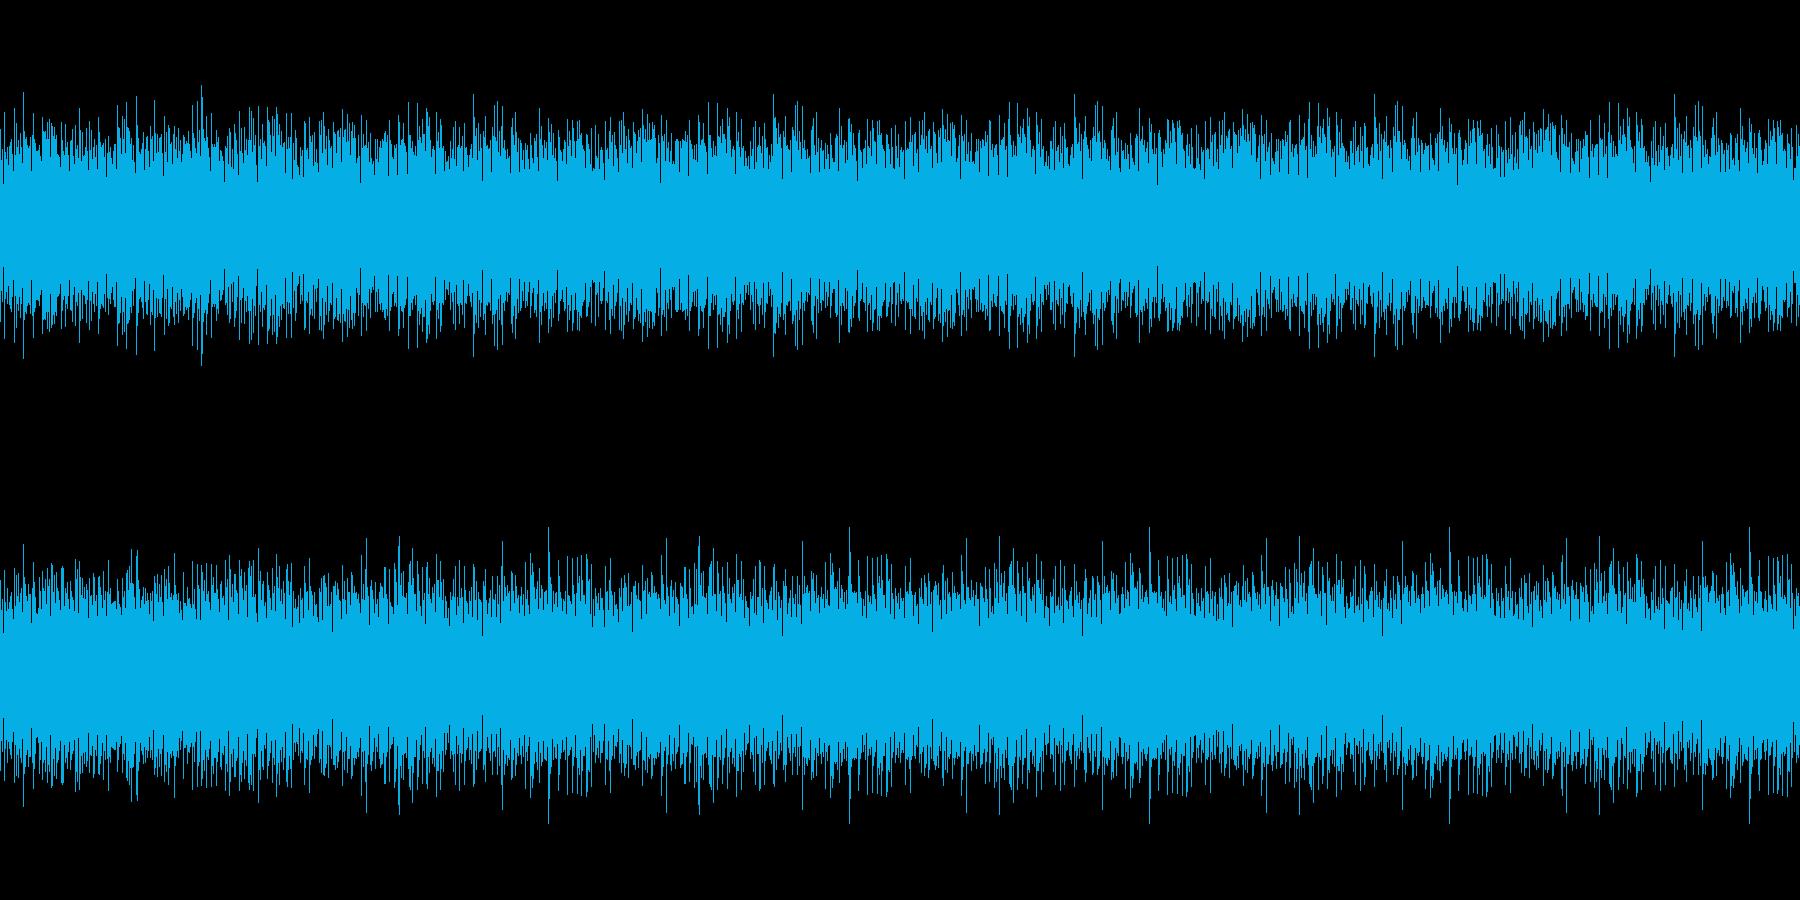 無敵ハッピー エレクトロ疾走感 ループの再生済みの波形